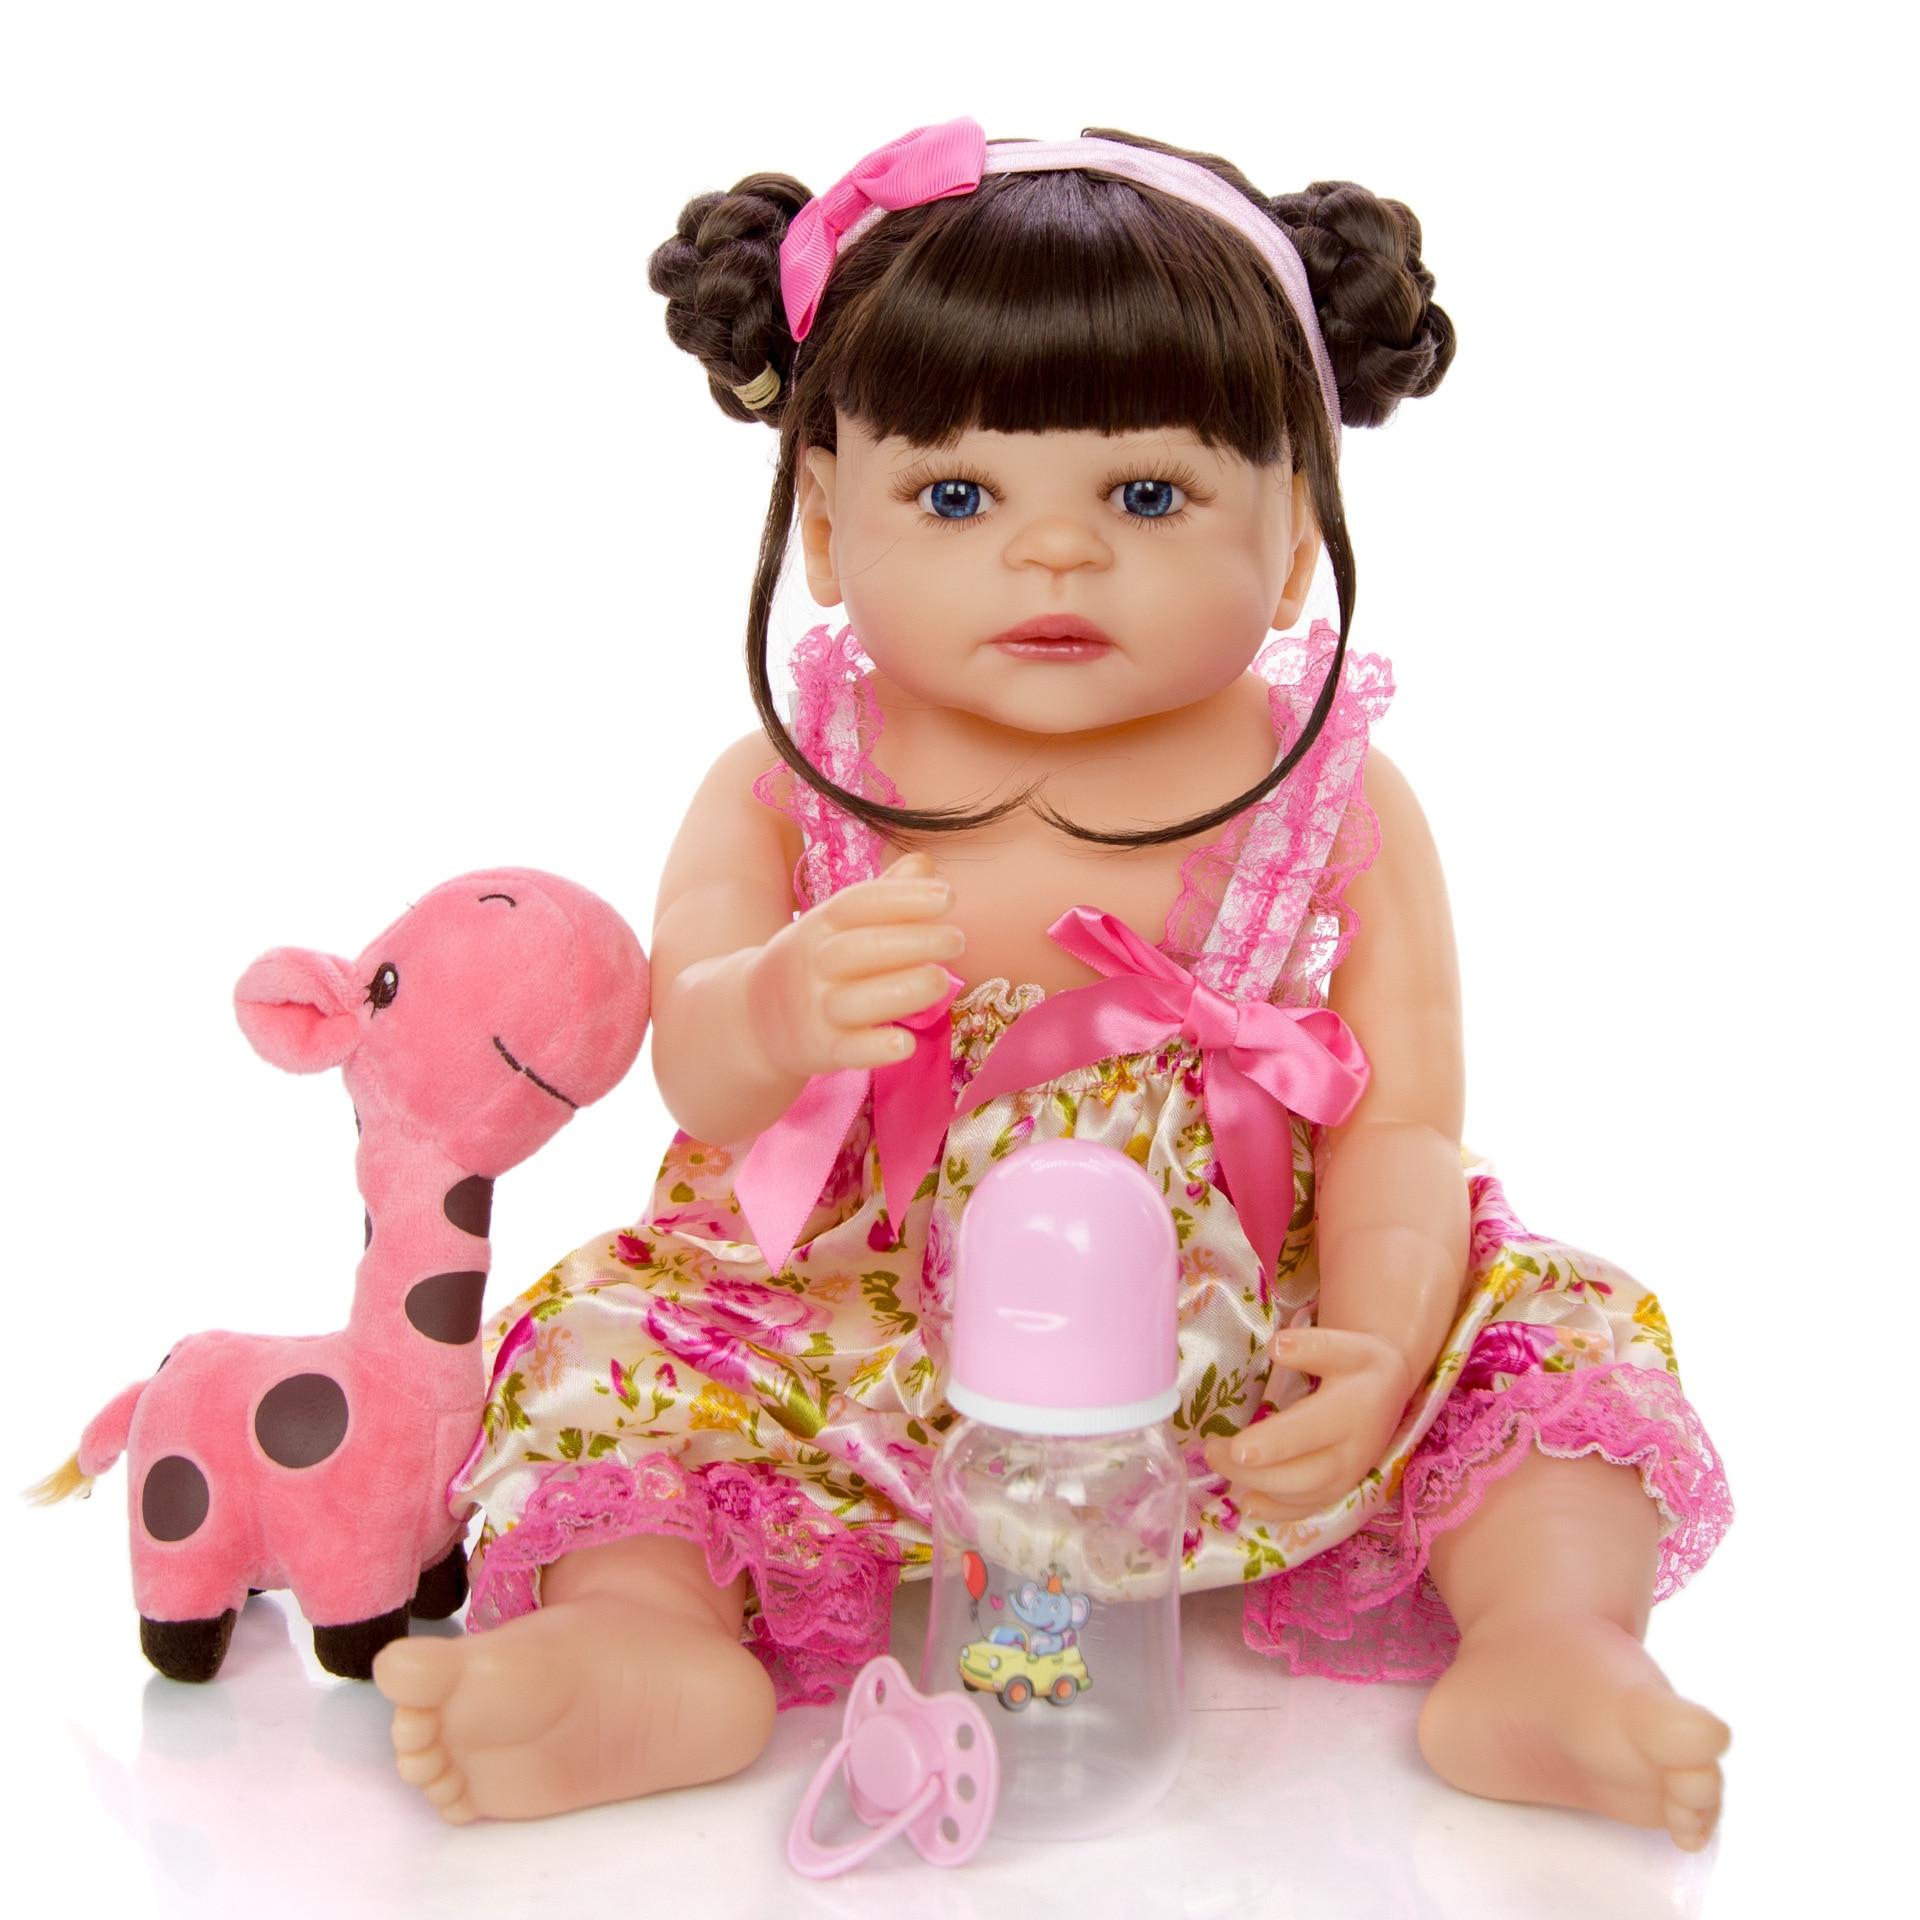 NPK poupée 55CM bebe poupée reborn bambin fille poupée en robe rose corps complet silicone souple réaliste bébé bain jouet imperméable